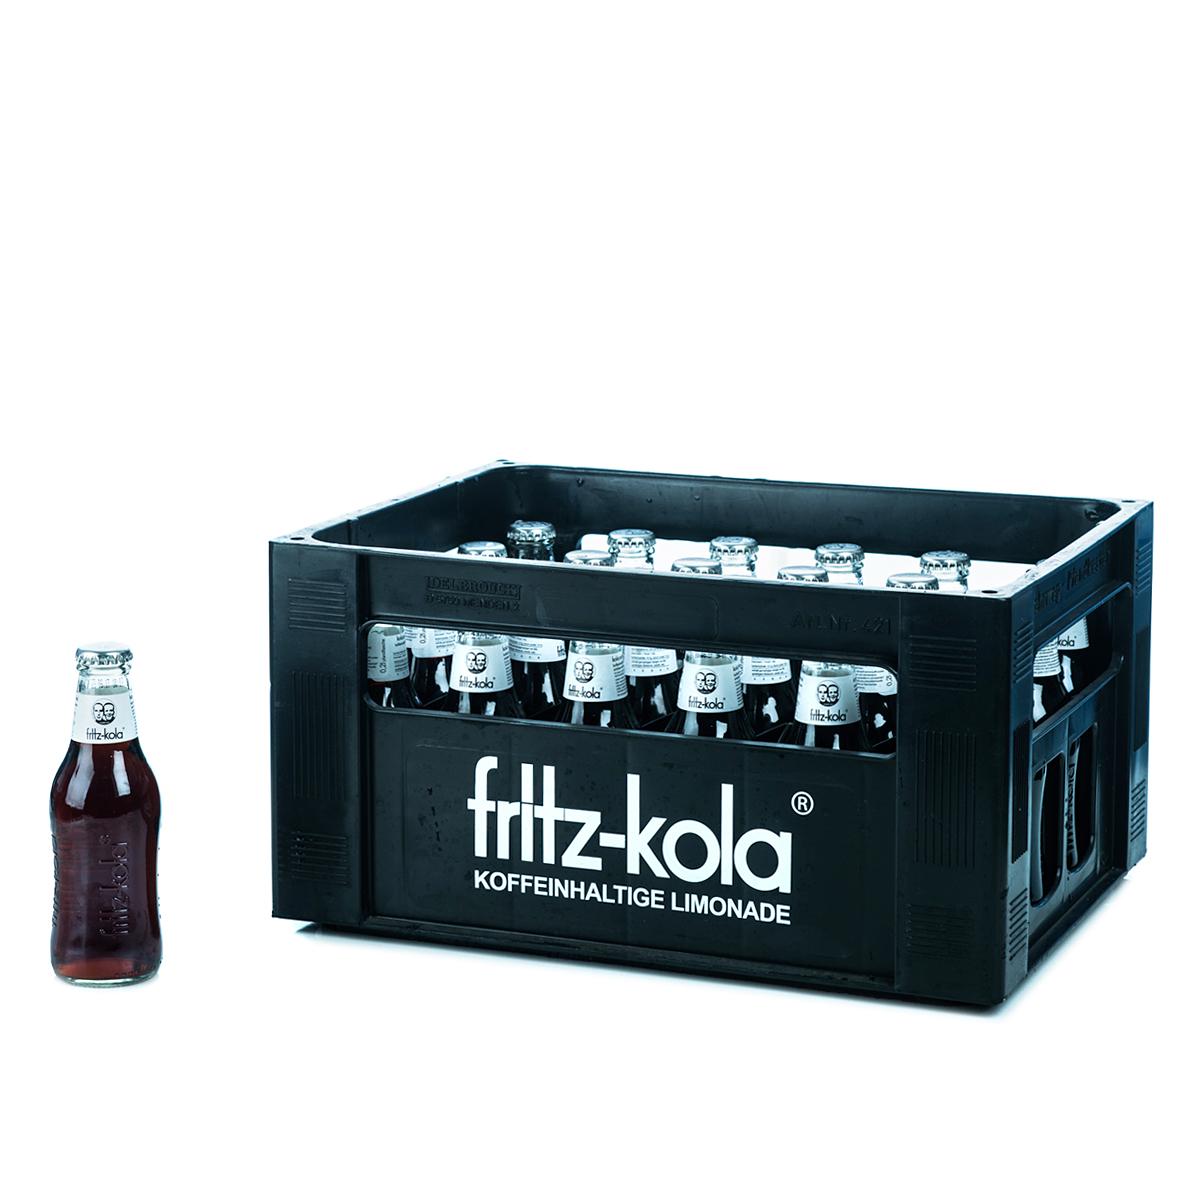 Fritz-Kola Zuckerfrei 24 x 0,2l Glas online bestellen ...